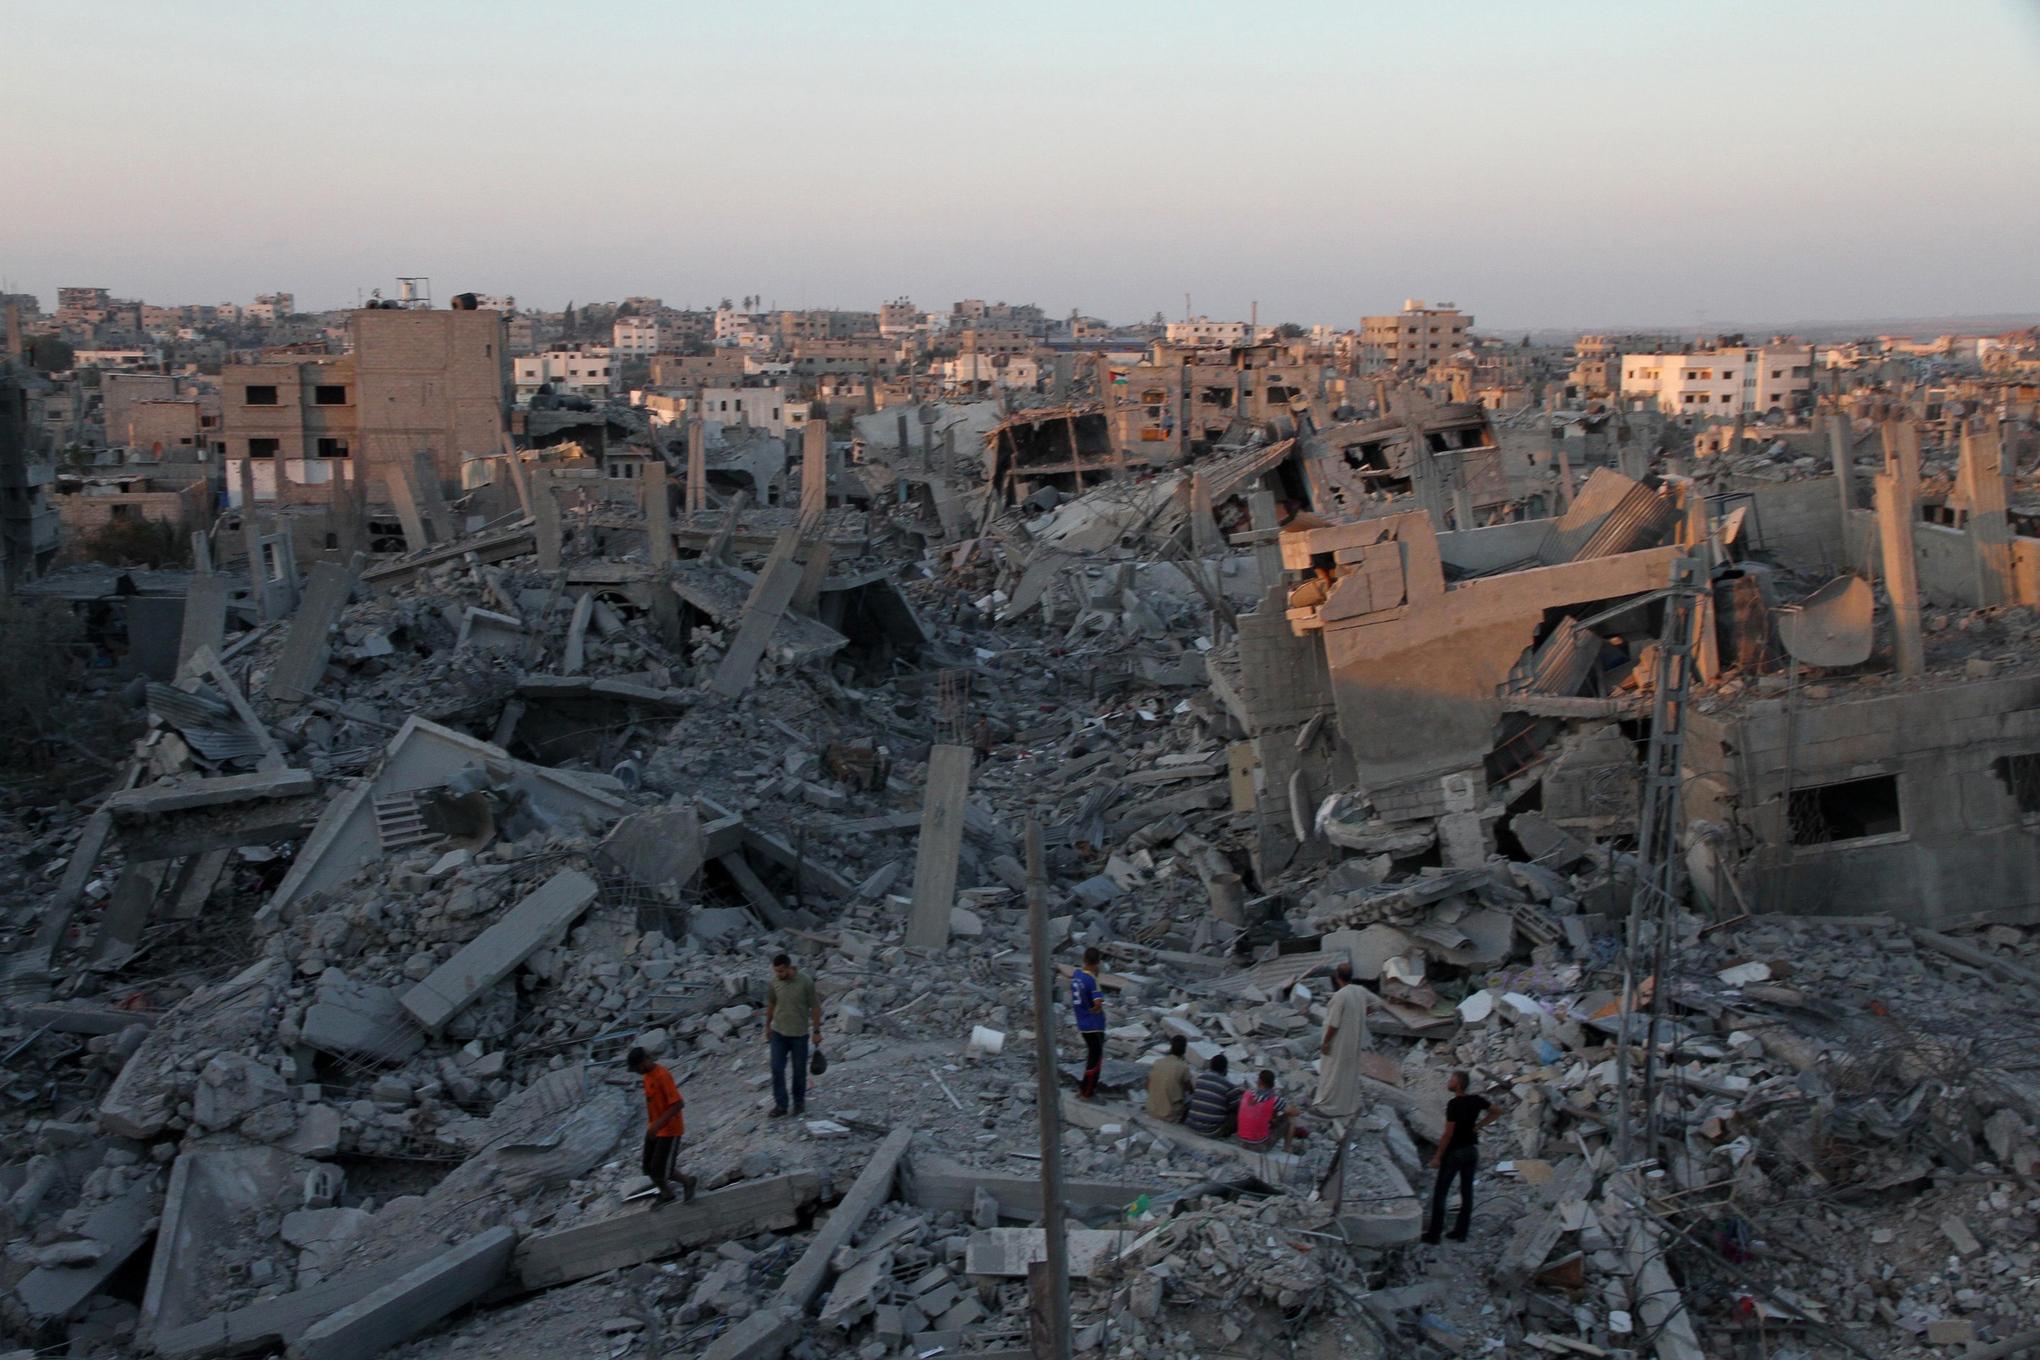 Palestinians_pick_through_shujaya_gaza_rubble